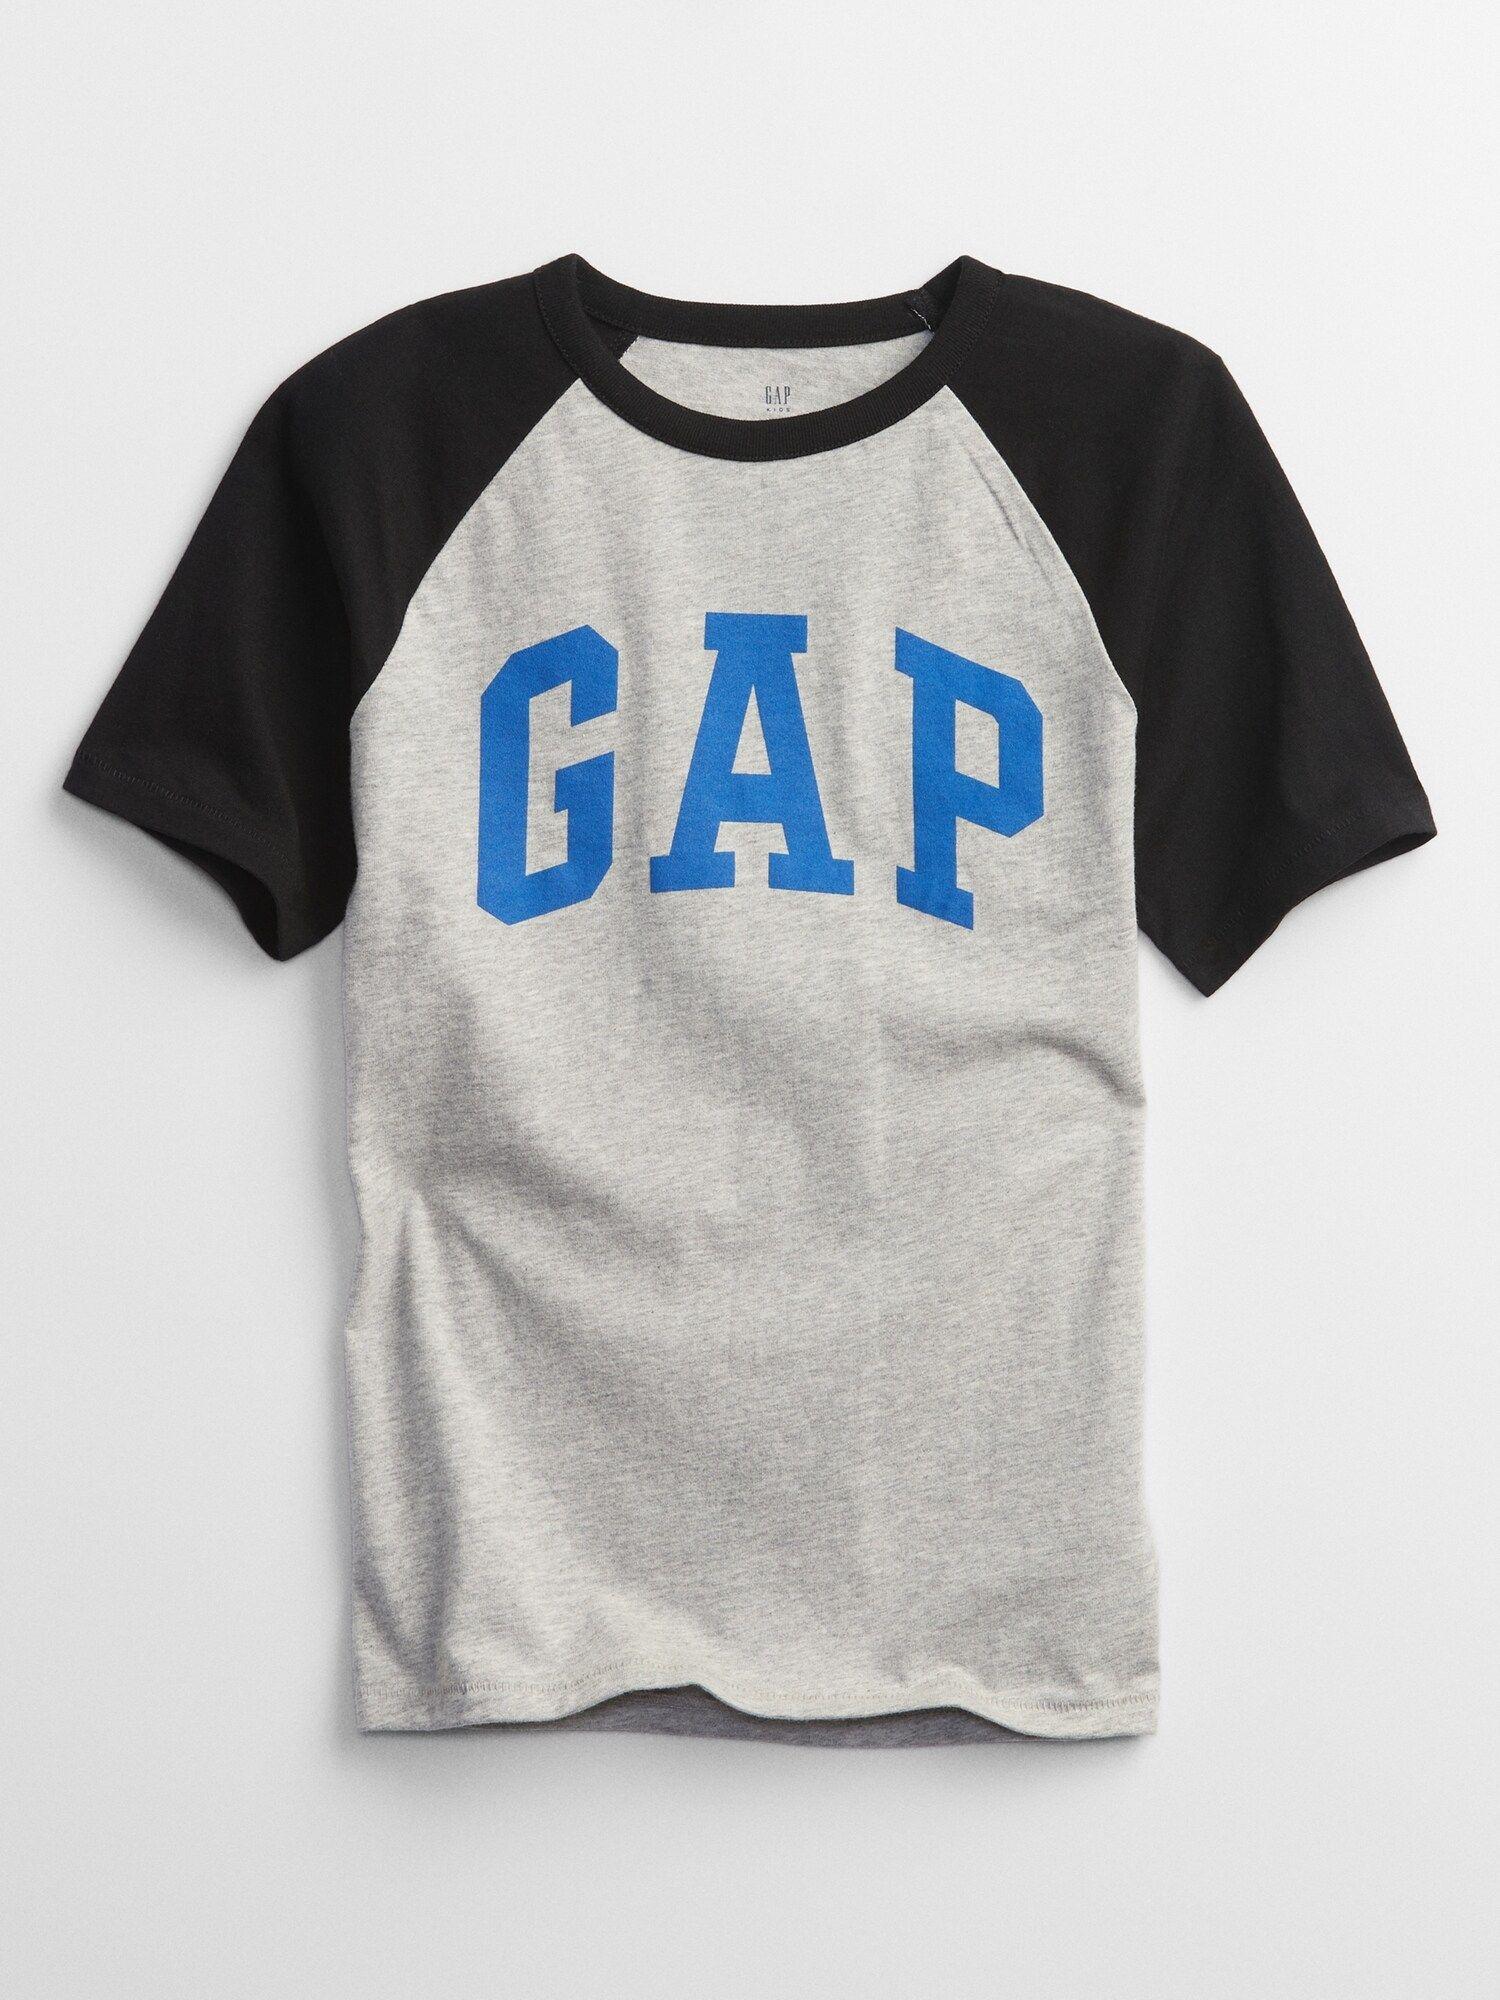 Chlapci - Dětské tričko GAP logo short sleeve Šedá